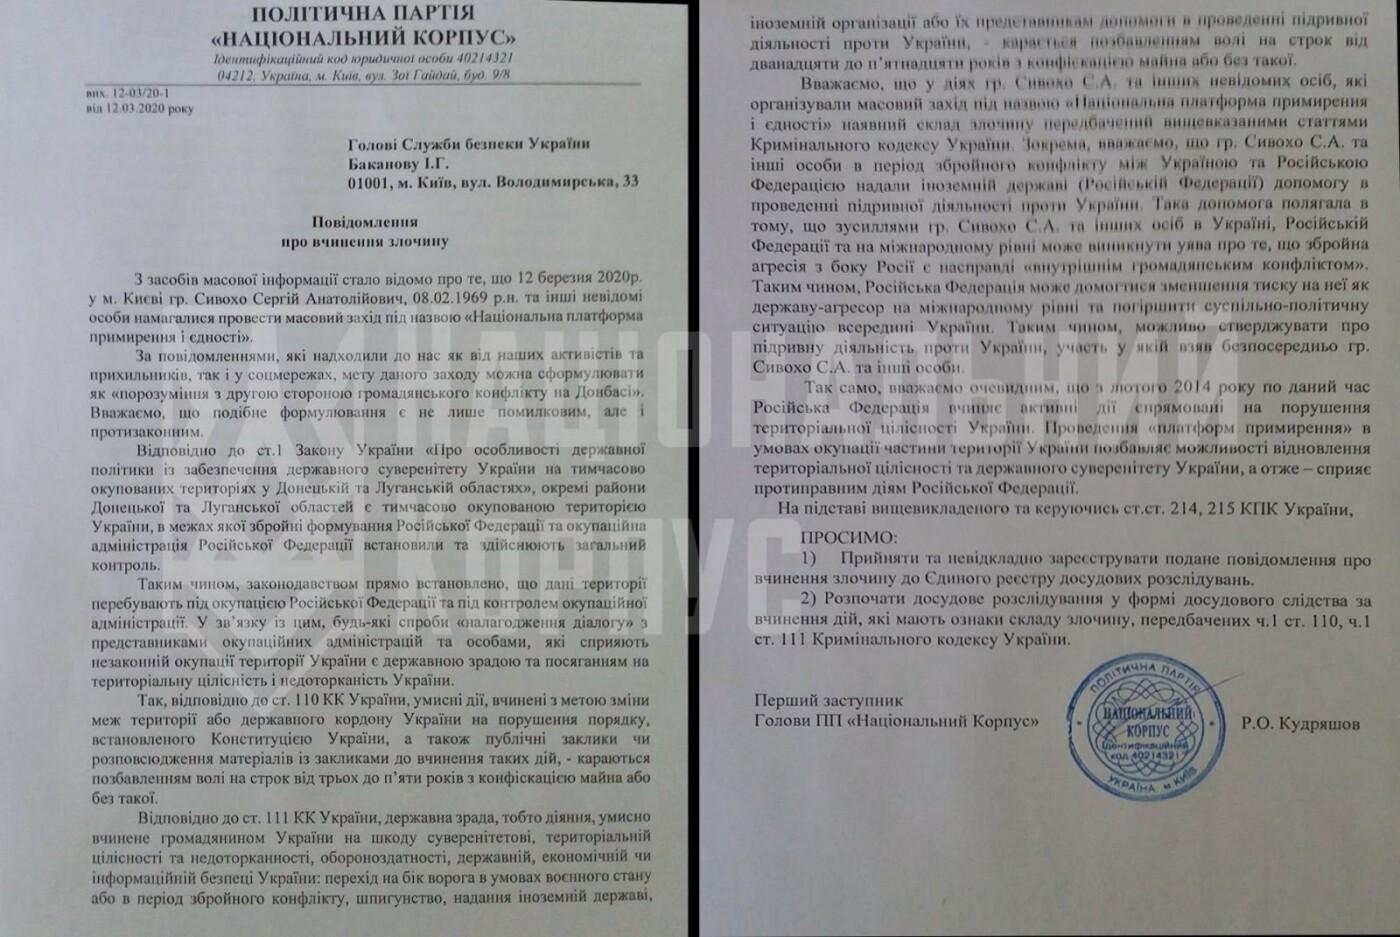 """Активисты сорвали """"Сивохо-платформу"""", """"Нацкорпус"""" заявил о госизмене, а известный журналист - о вызове для Зеленского - ФОТО, ВИДЕО, фото-5"""